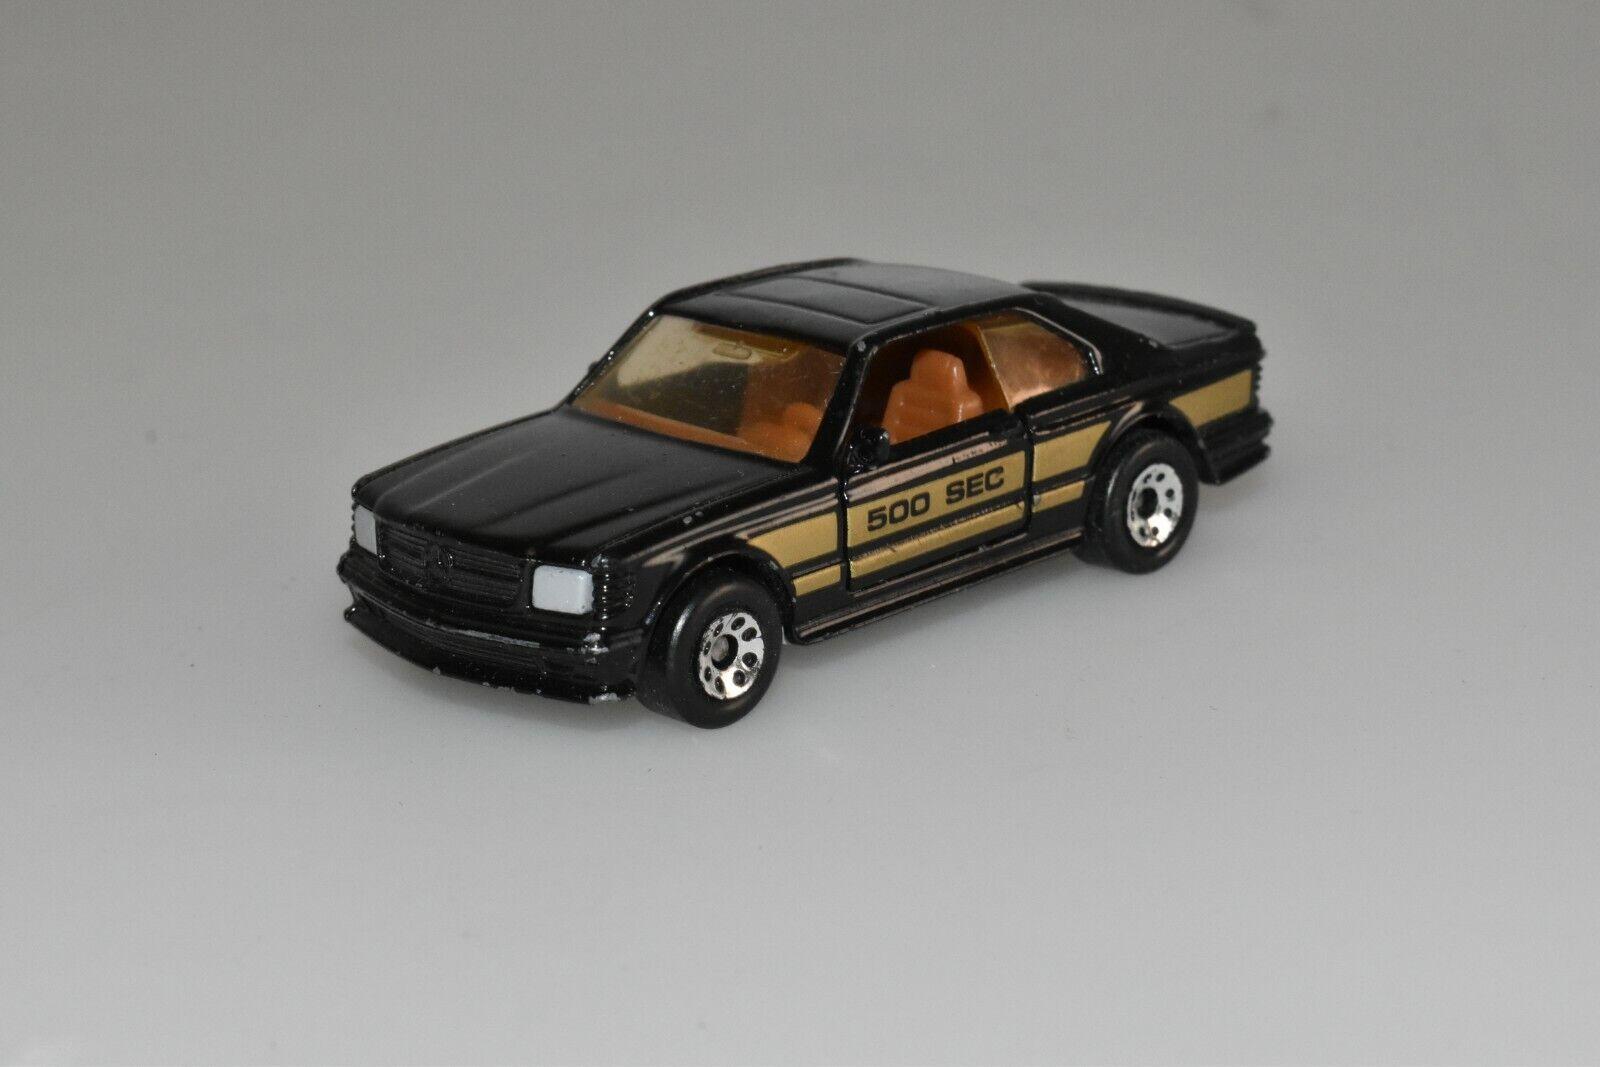 Matchbox Mercedes 500 SEC in black 1984 Macau 1 1 1 64 l4 001ba4